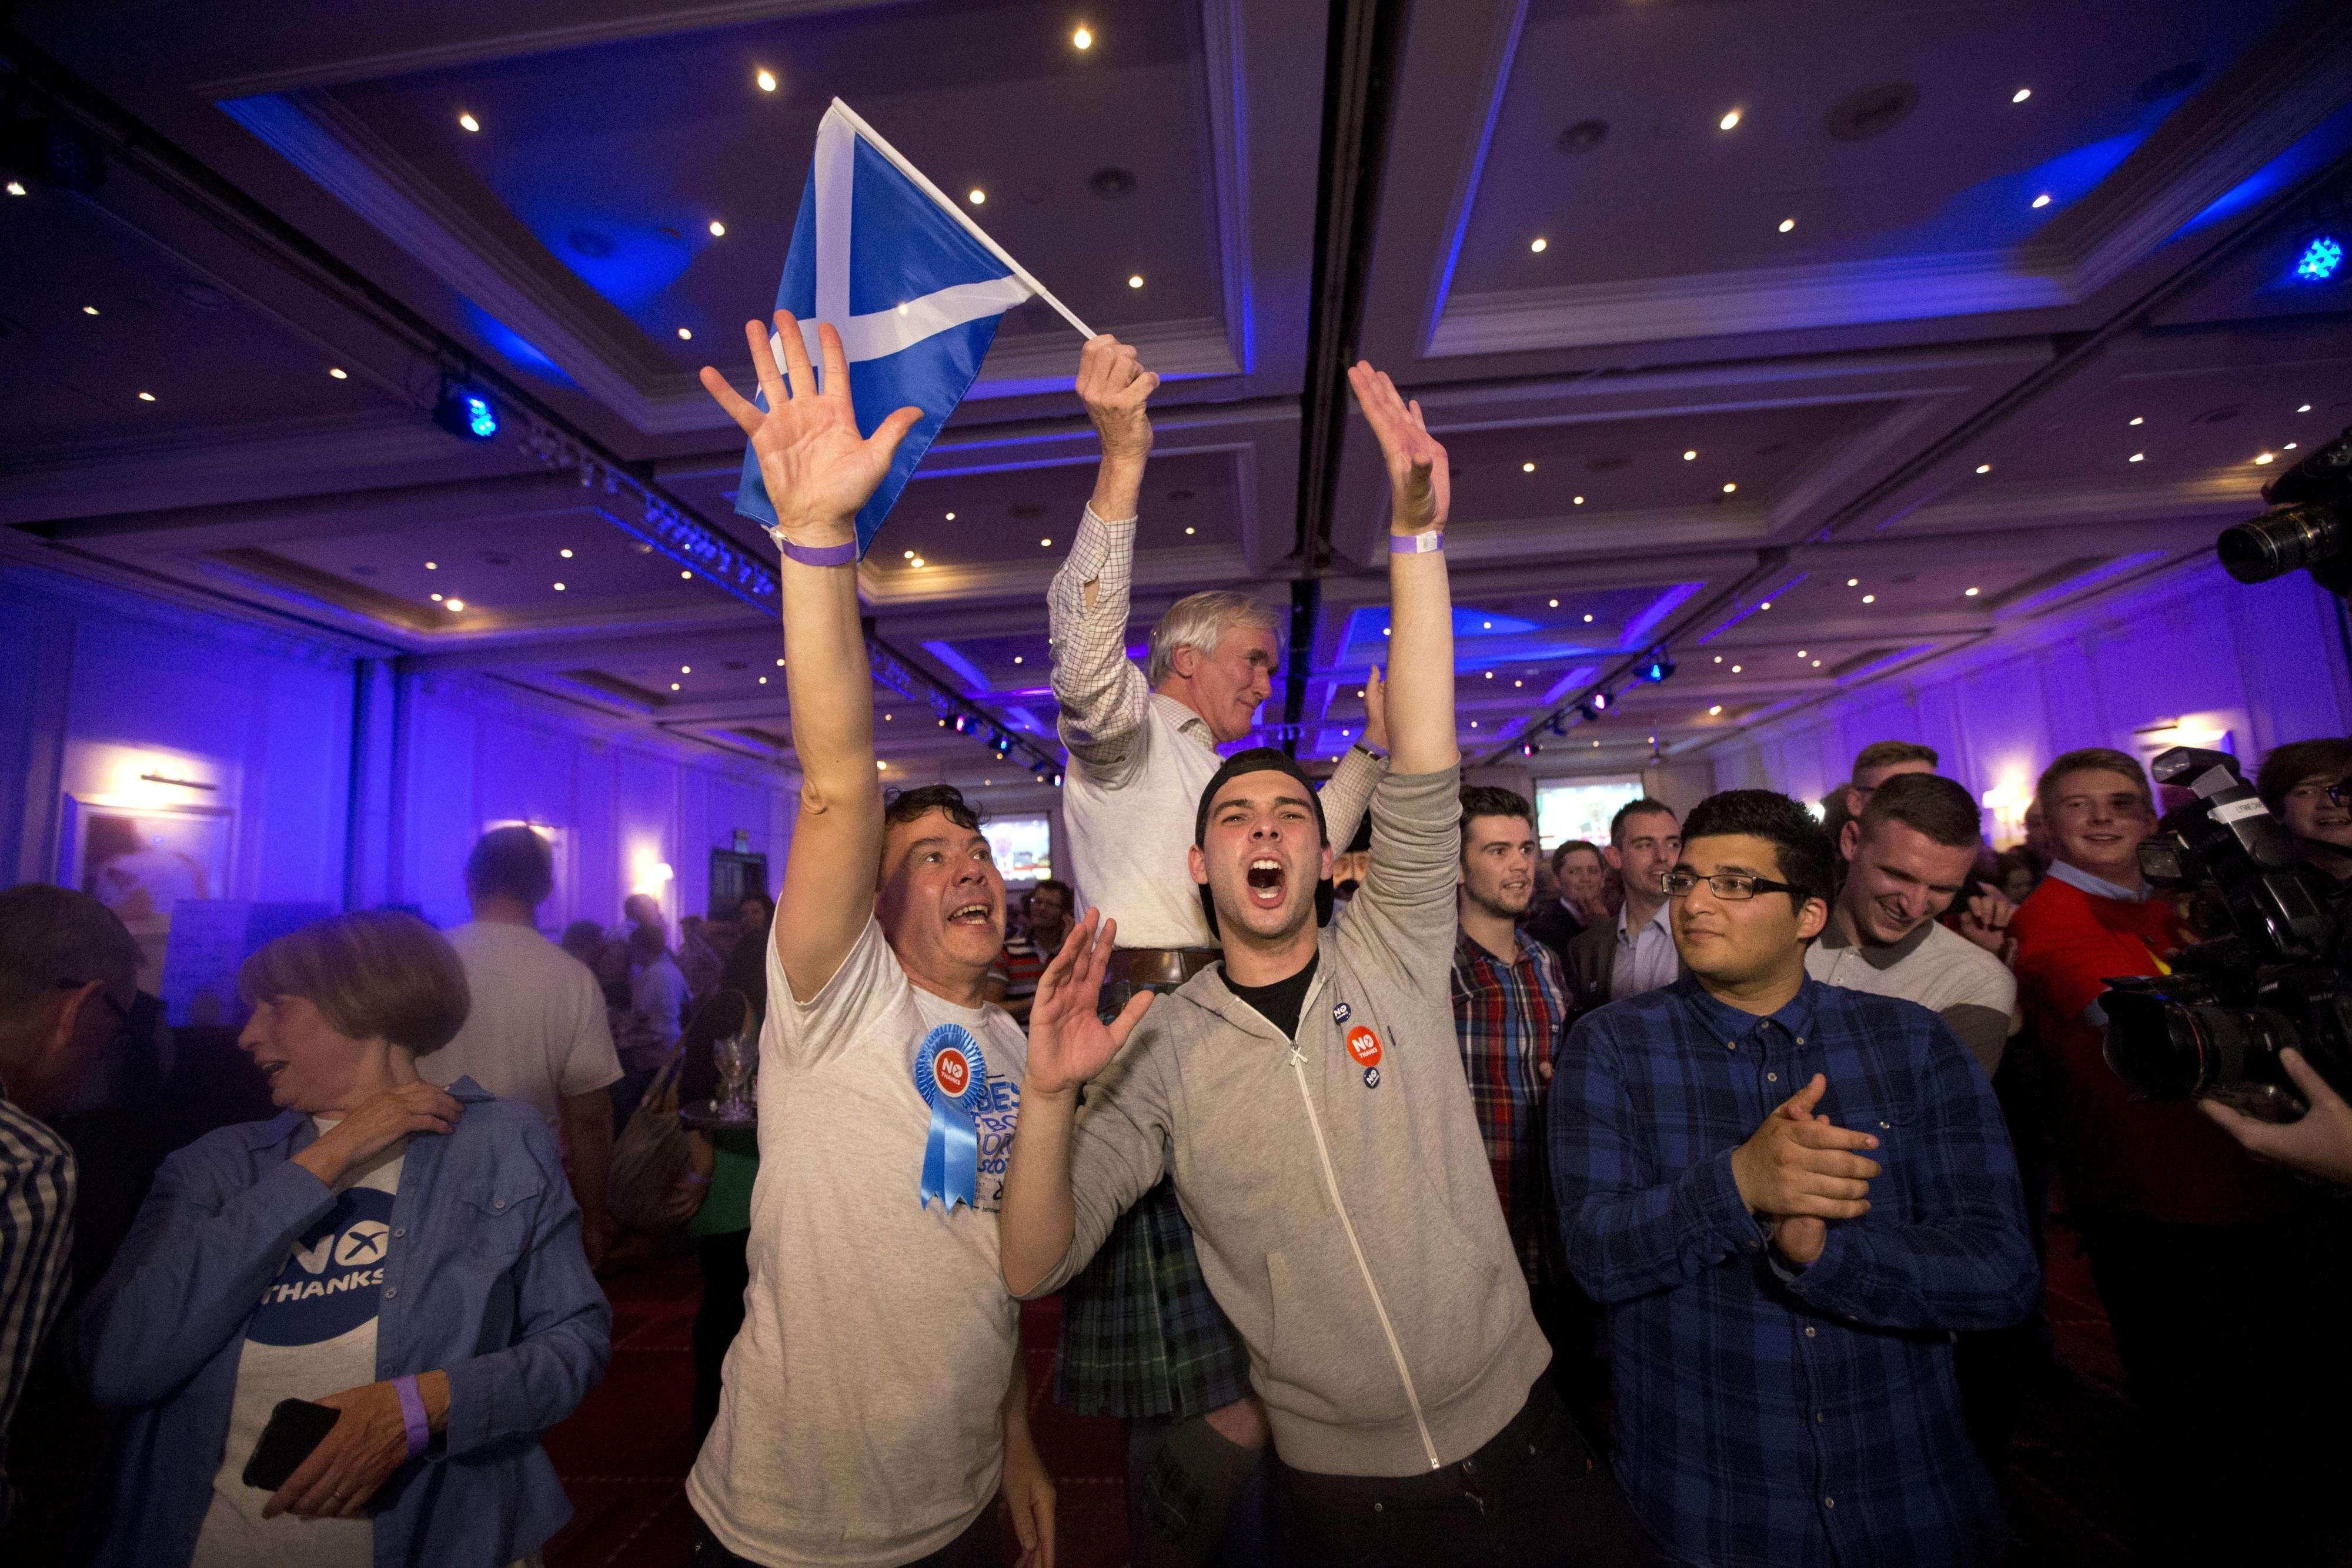 Os que votaram contra a independência comemoraram em um hotel em Glasgow Foto: Matt Duhnam/AP